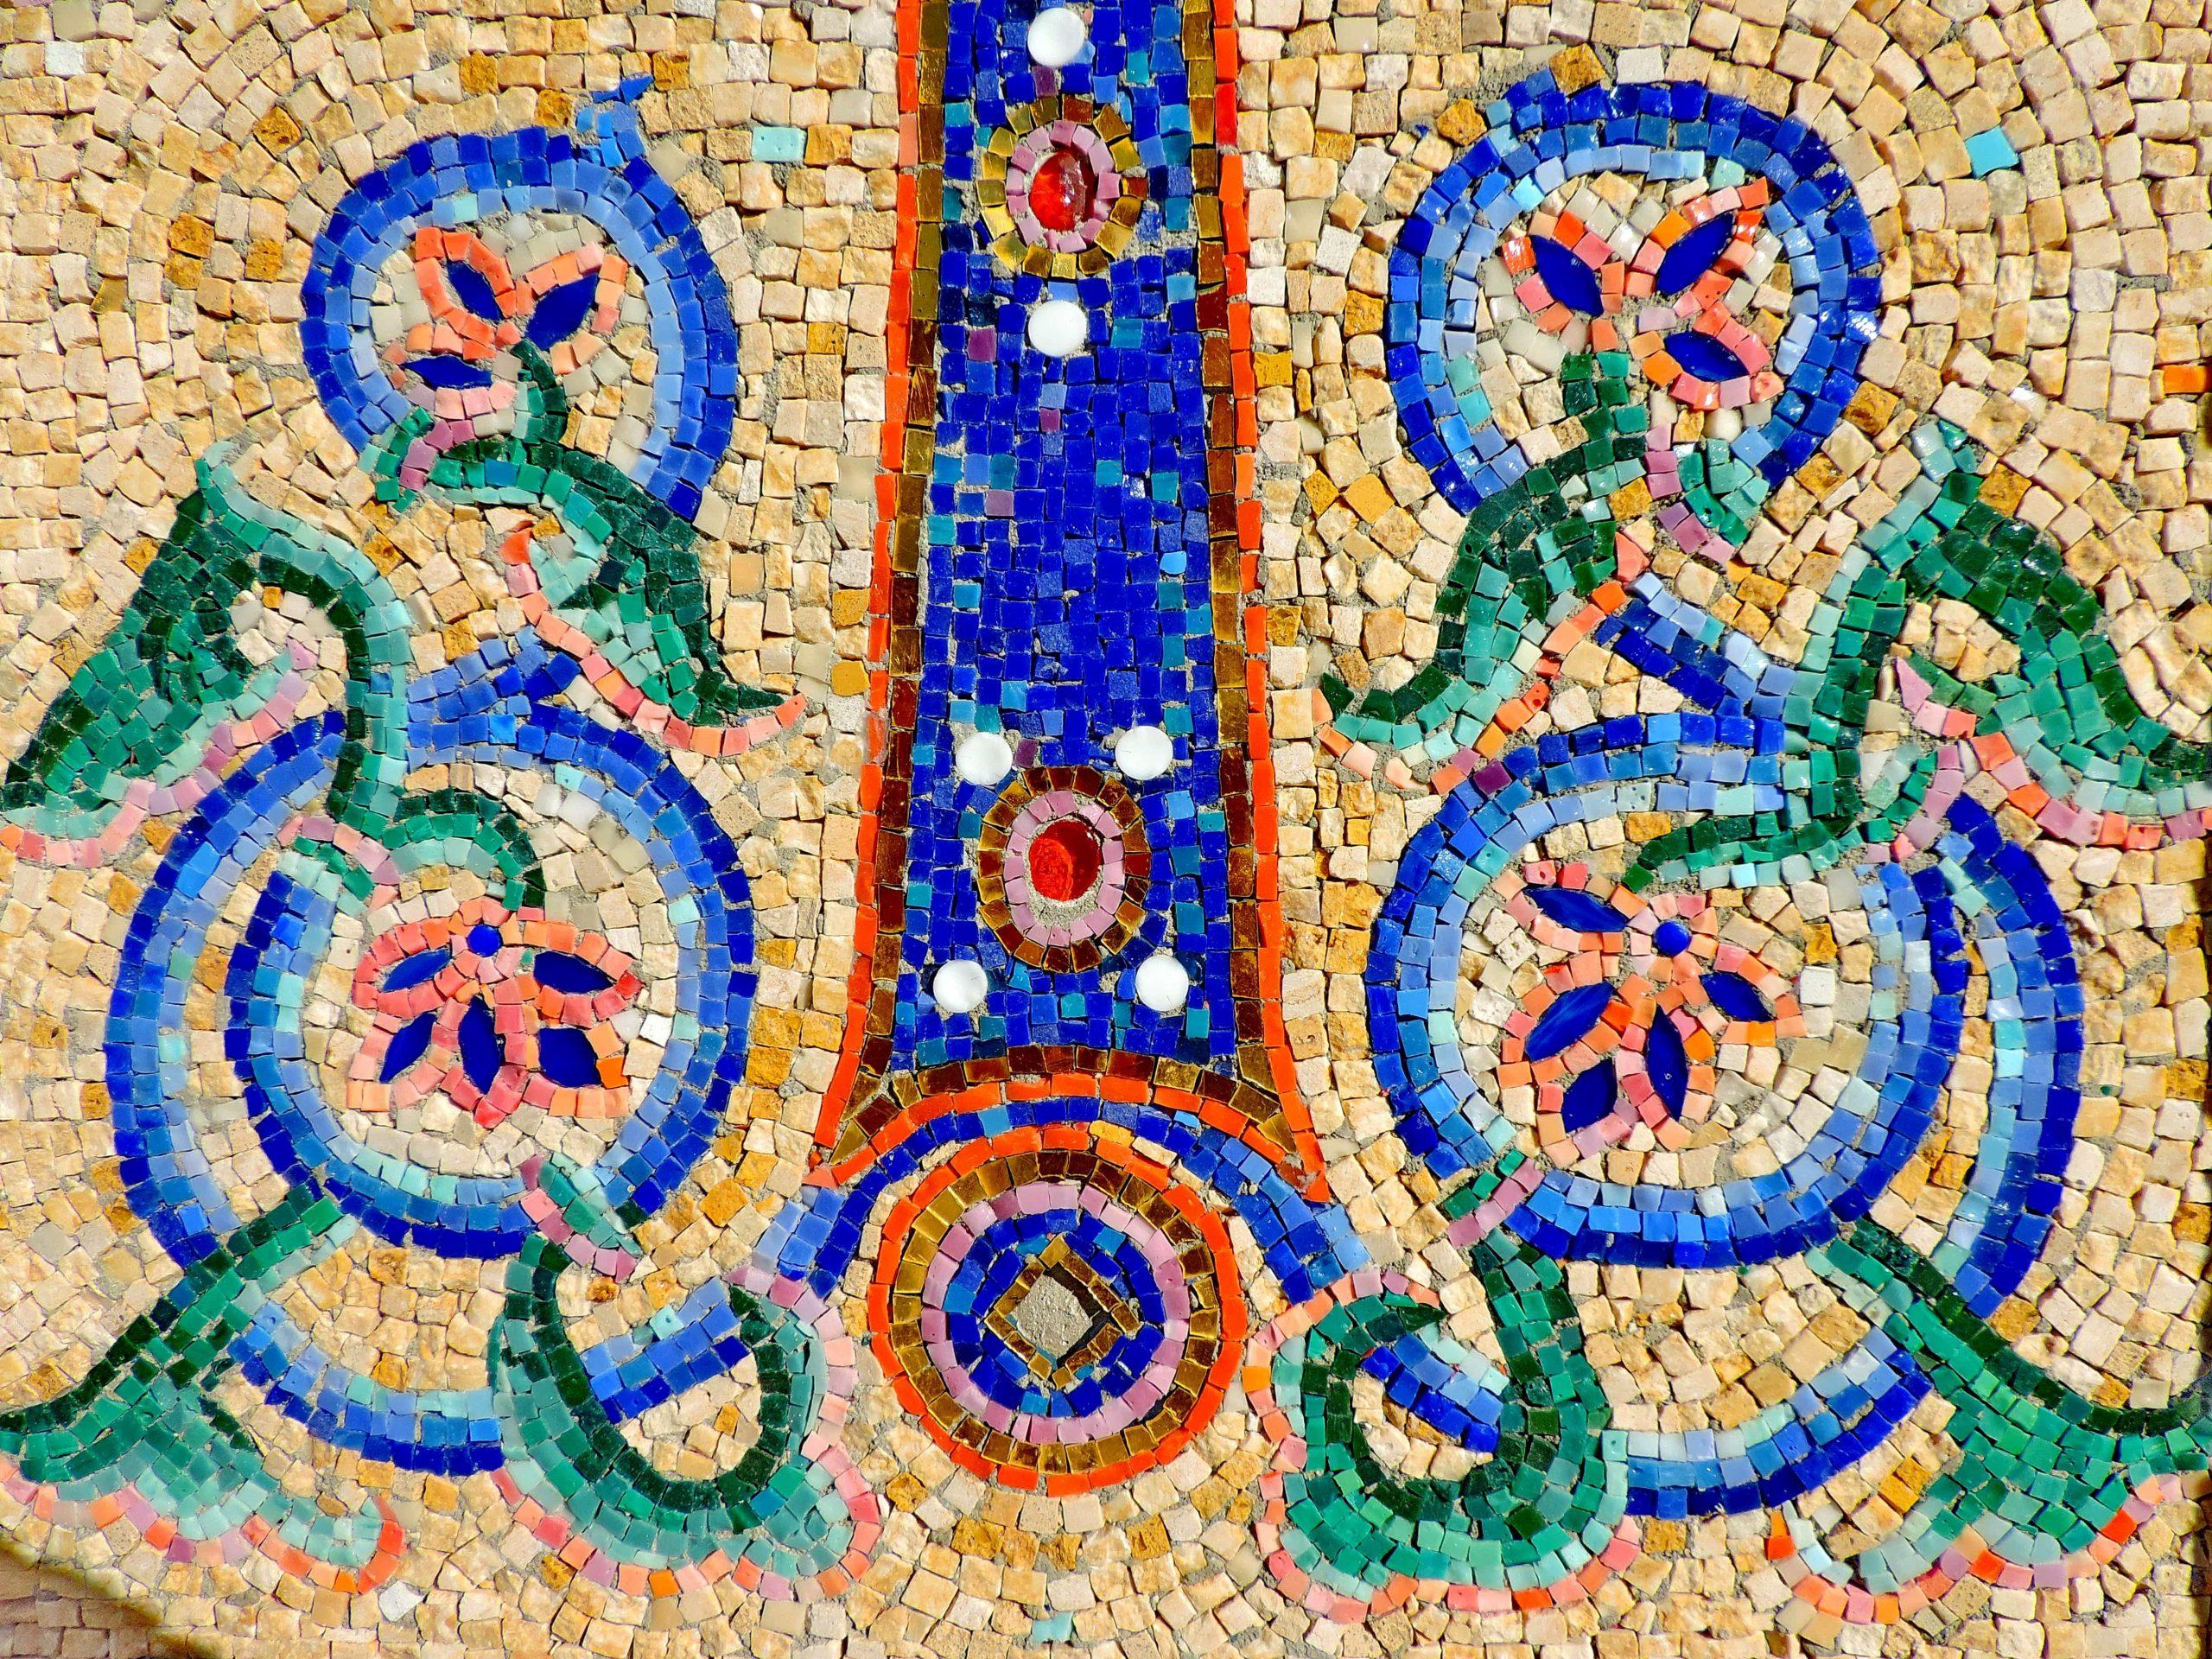 Image Libre: Arabesque, Mosaïque, Symbole, Symétrie, Art dedans Arts Visuels Symétrie